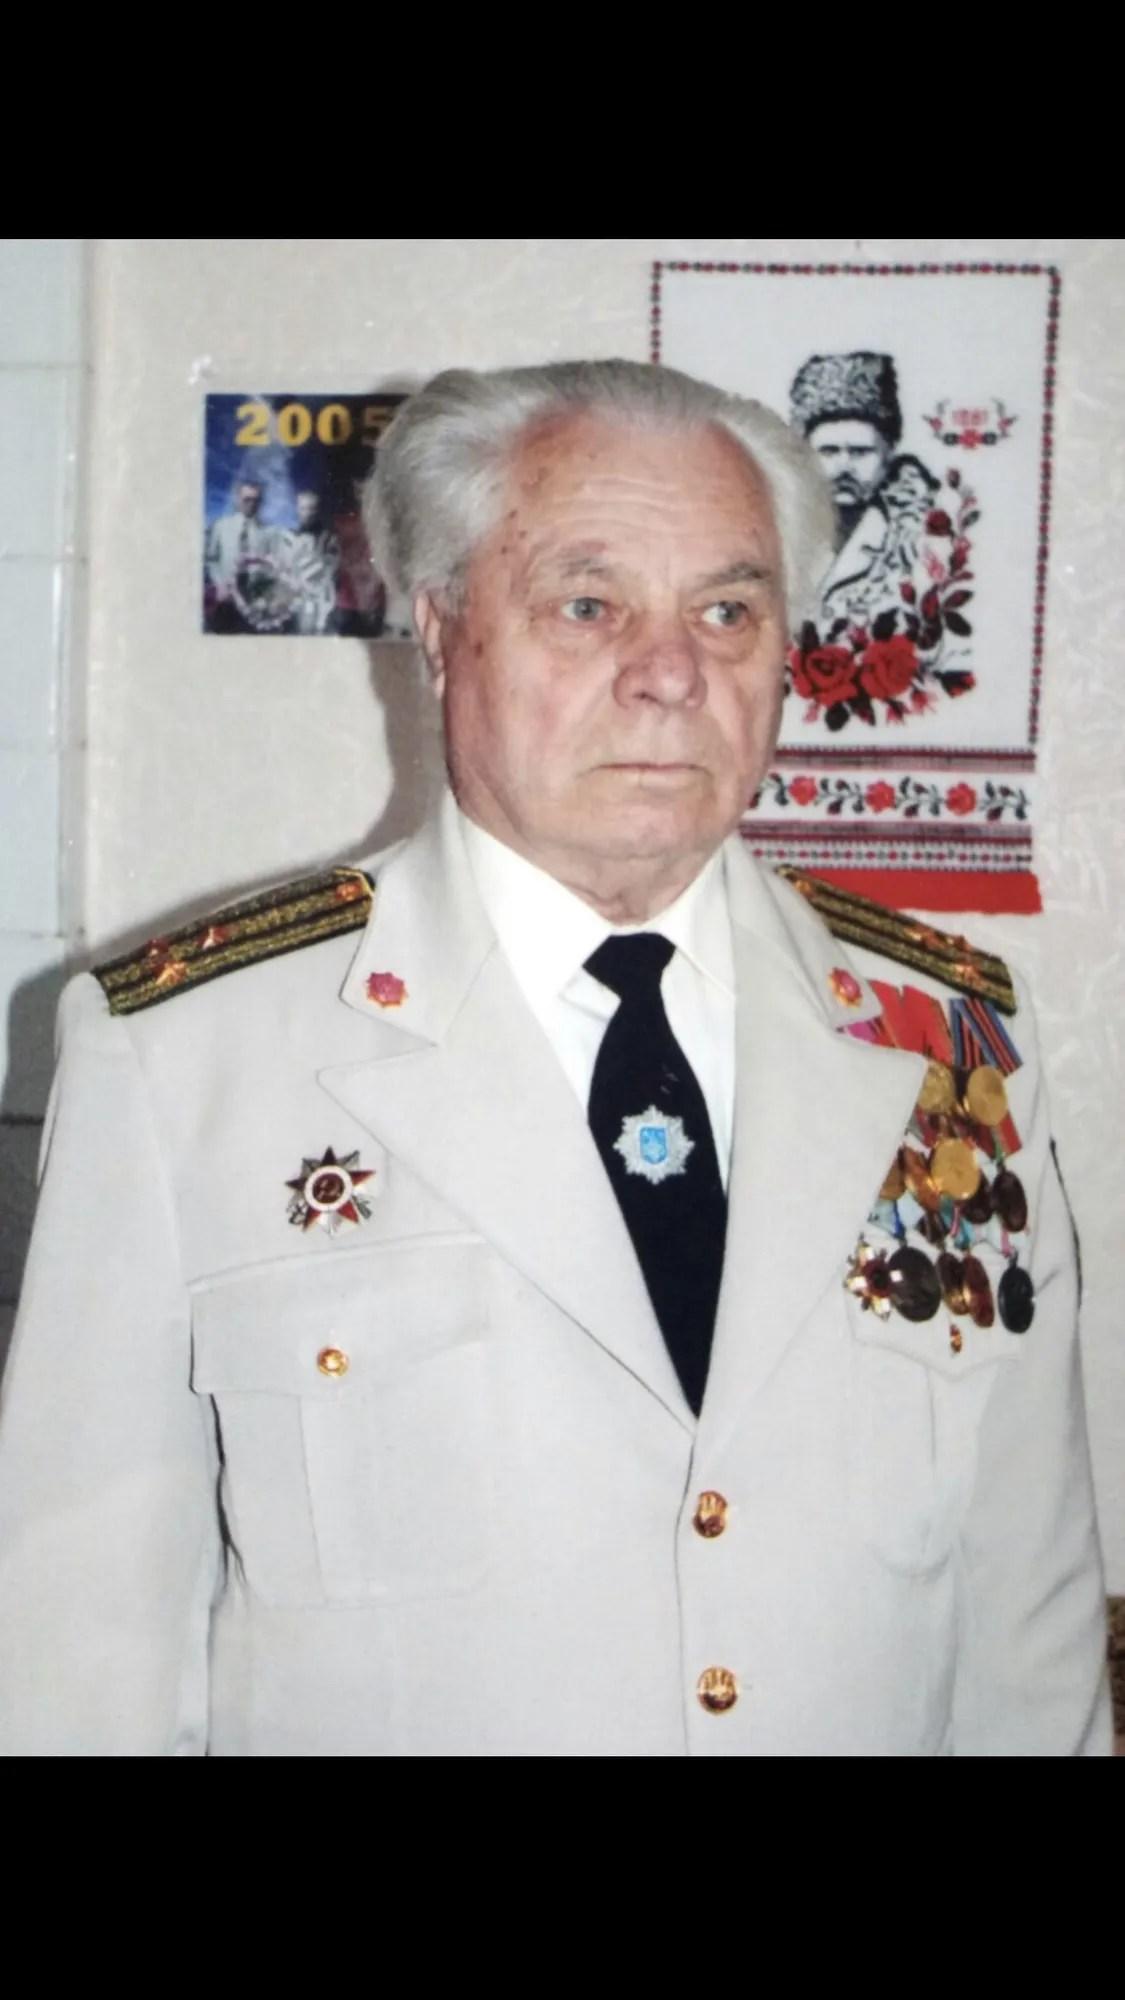 Василь Хільченко війну закінчив сержантом, потім отримав лейтенанта. А при при президенті Ющенко всім ветеранам присвоїли звання полковника.